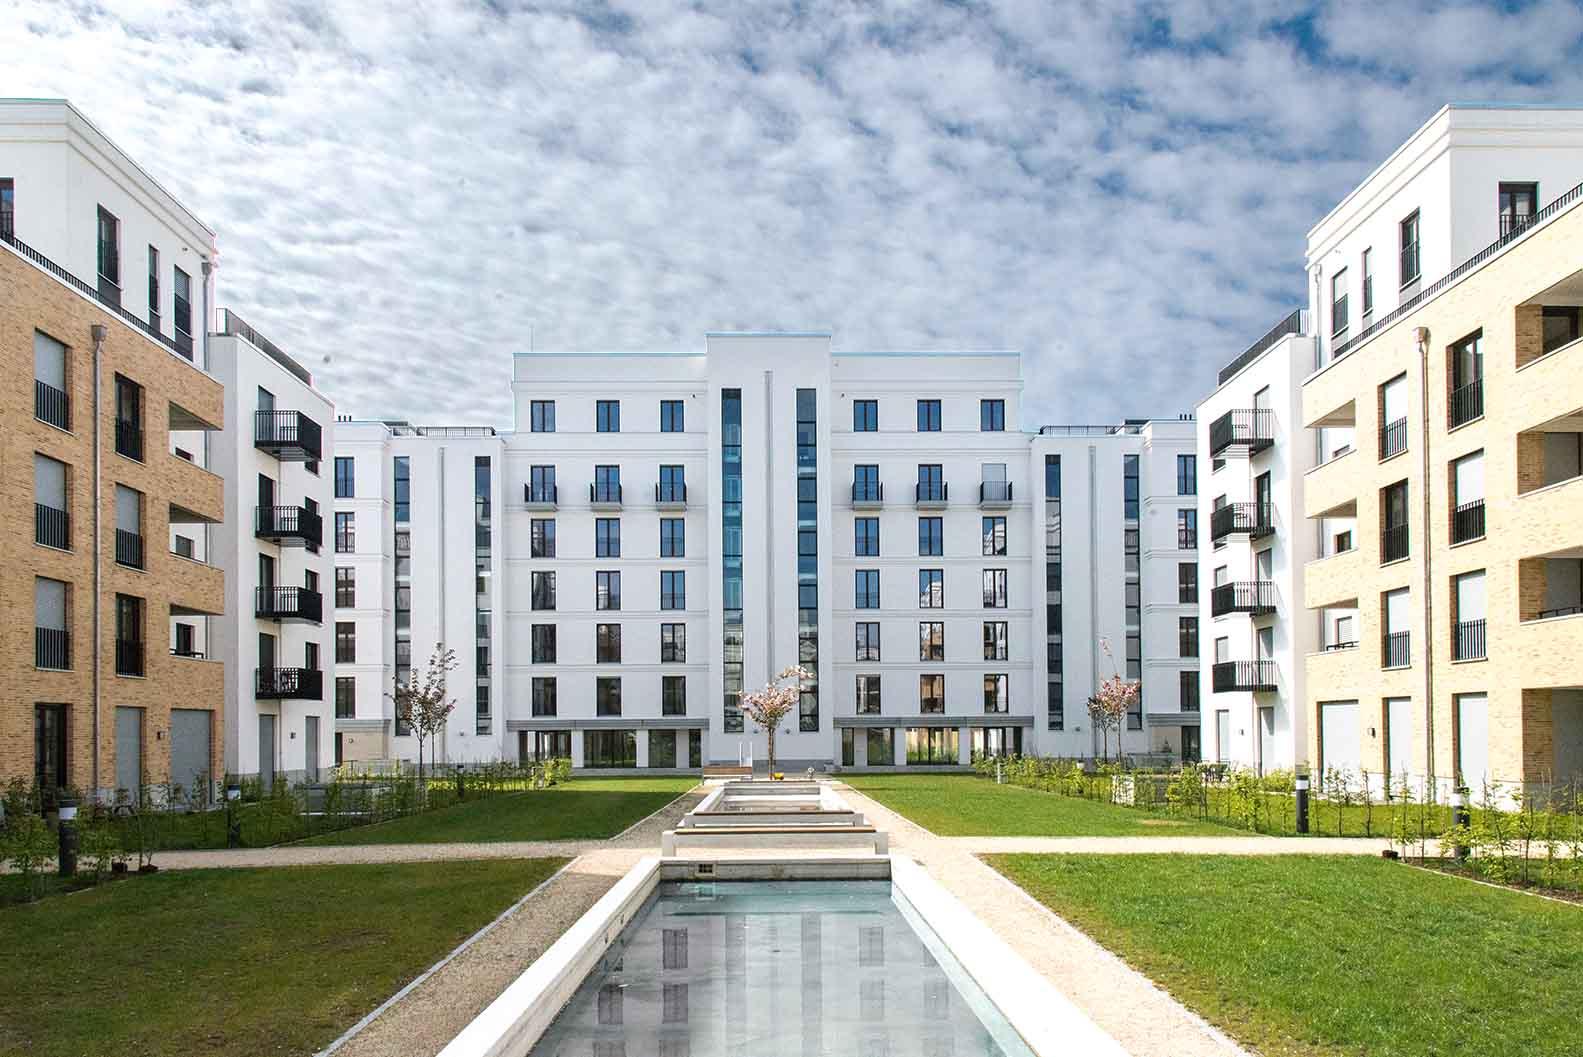 wohnbebauung parkend frankfurt am main oei architekten. Black Bedroom Furniture Sets. Home Design Ideas